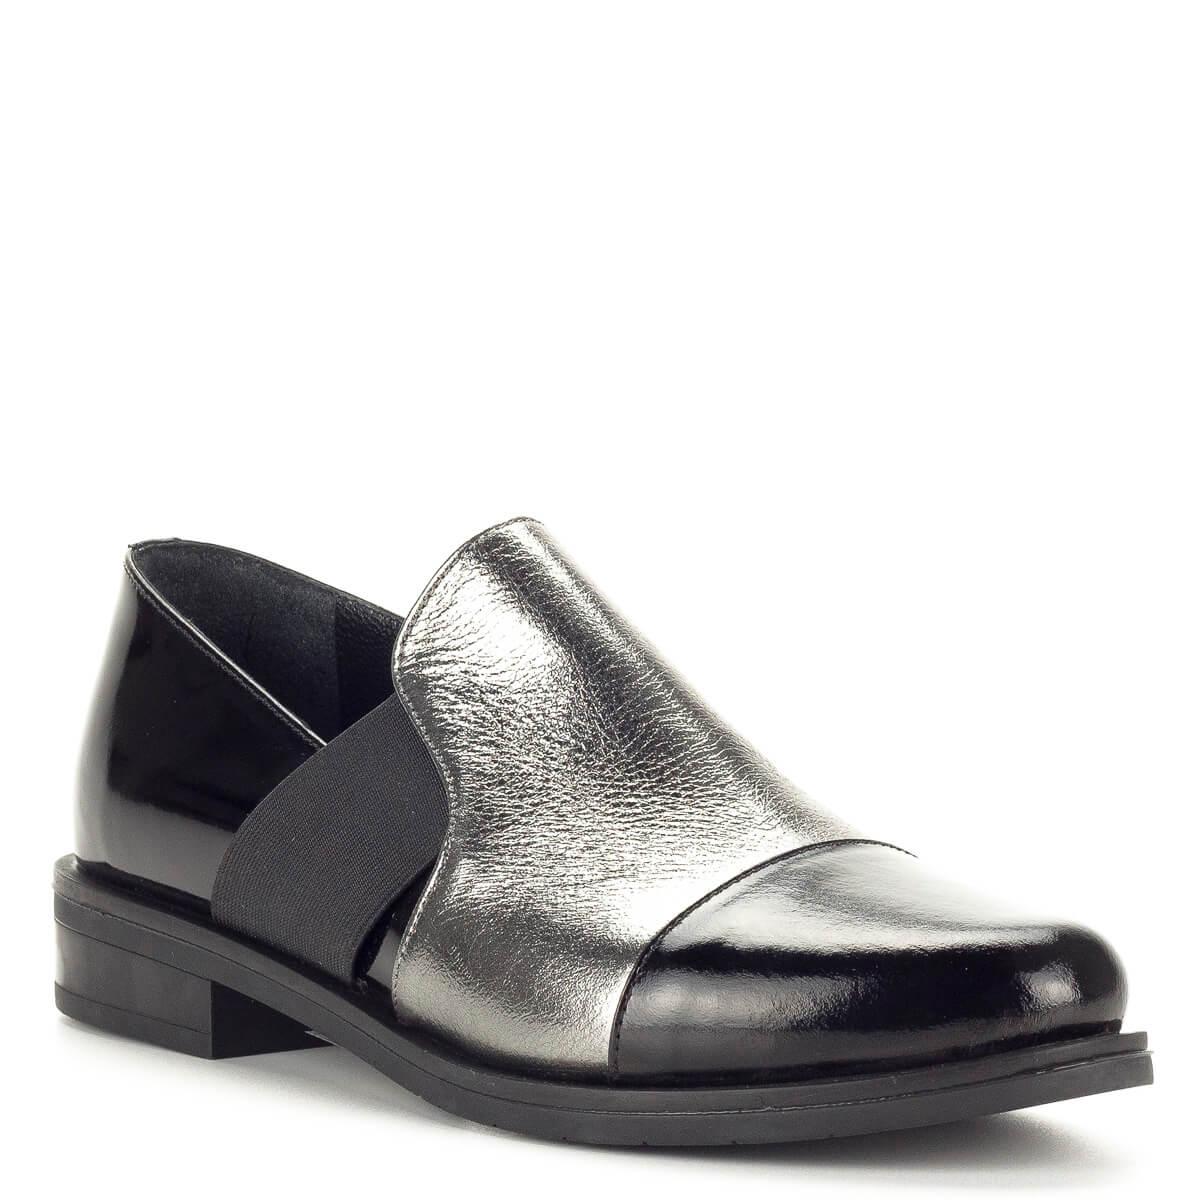 fa261d1281 A cipő enyhén; Sherlock Soon női bőr félcipő fekete lakk bőr és ezüst bőr  kombinálásával.